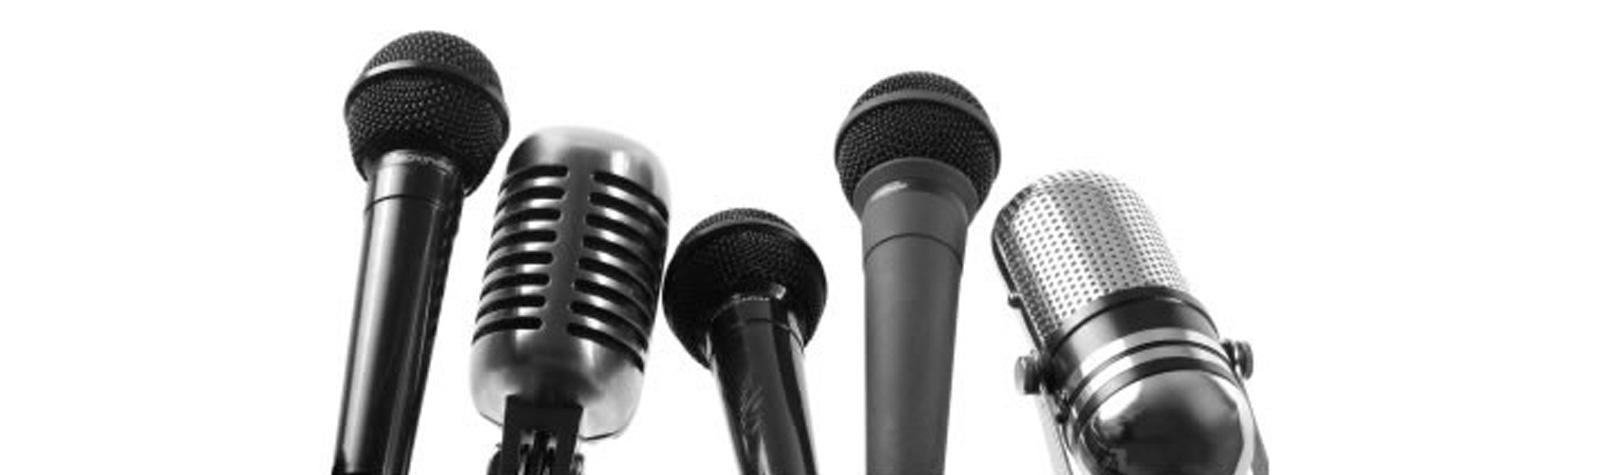 Pour une profession forte et fière : lettre de Kathy Baig et de 30 cosignataires